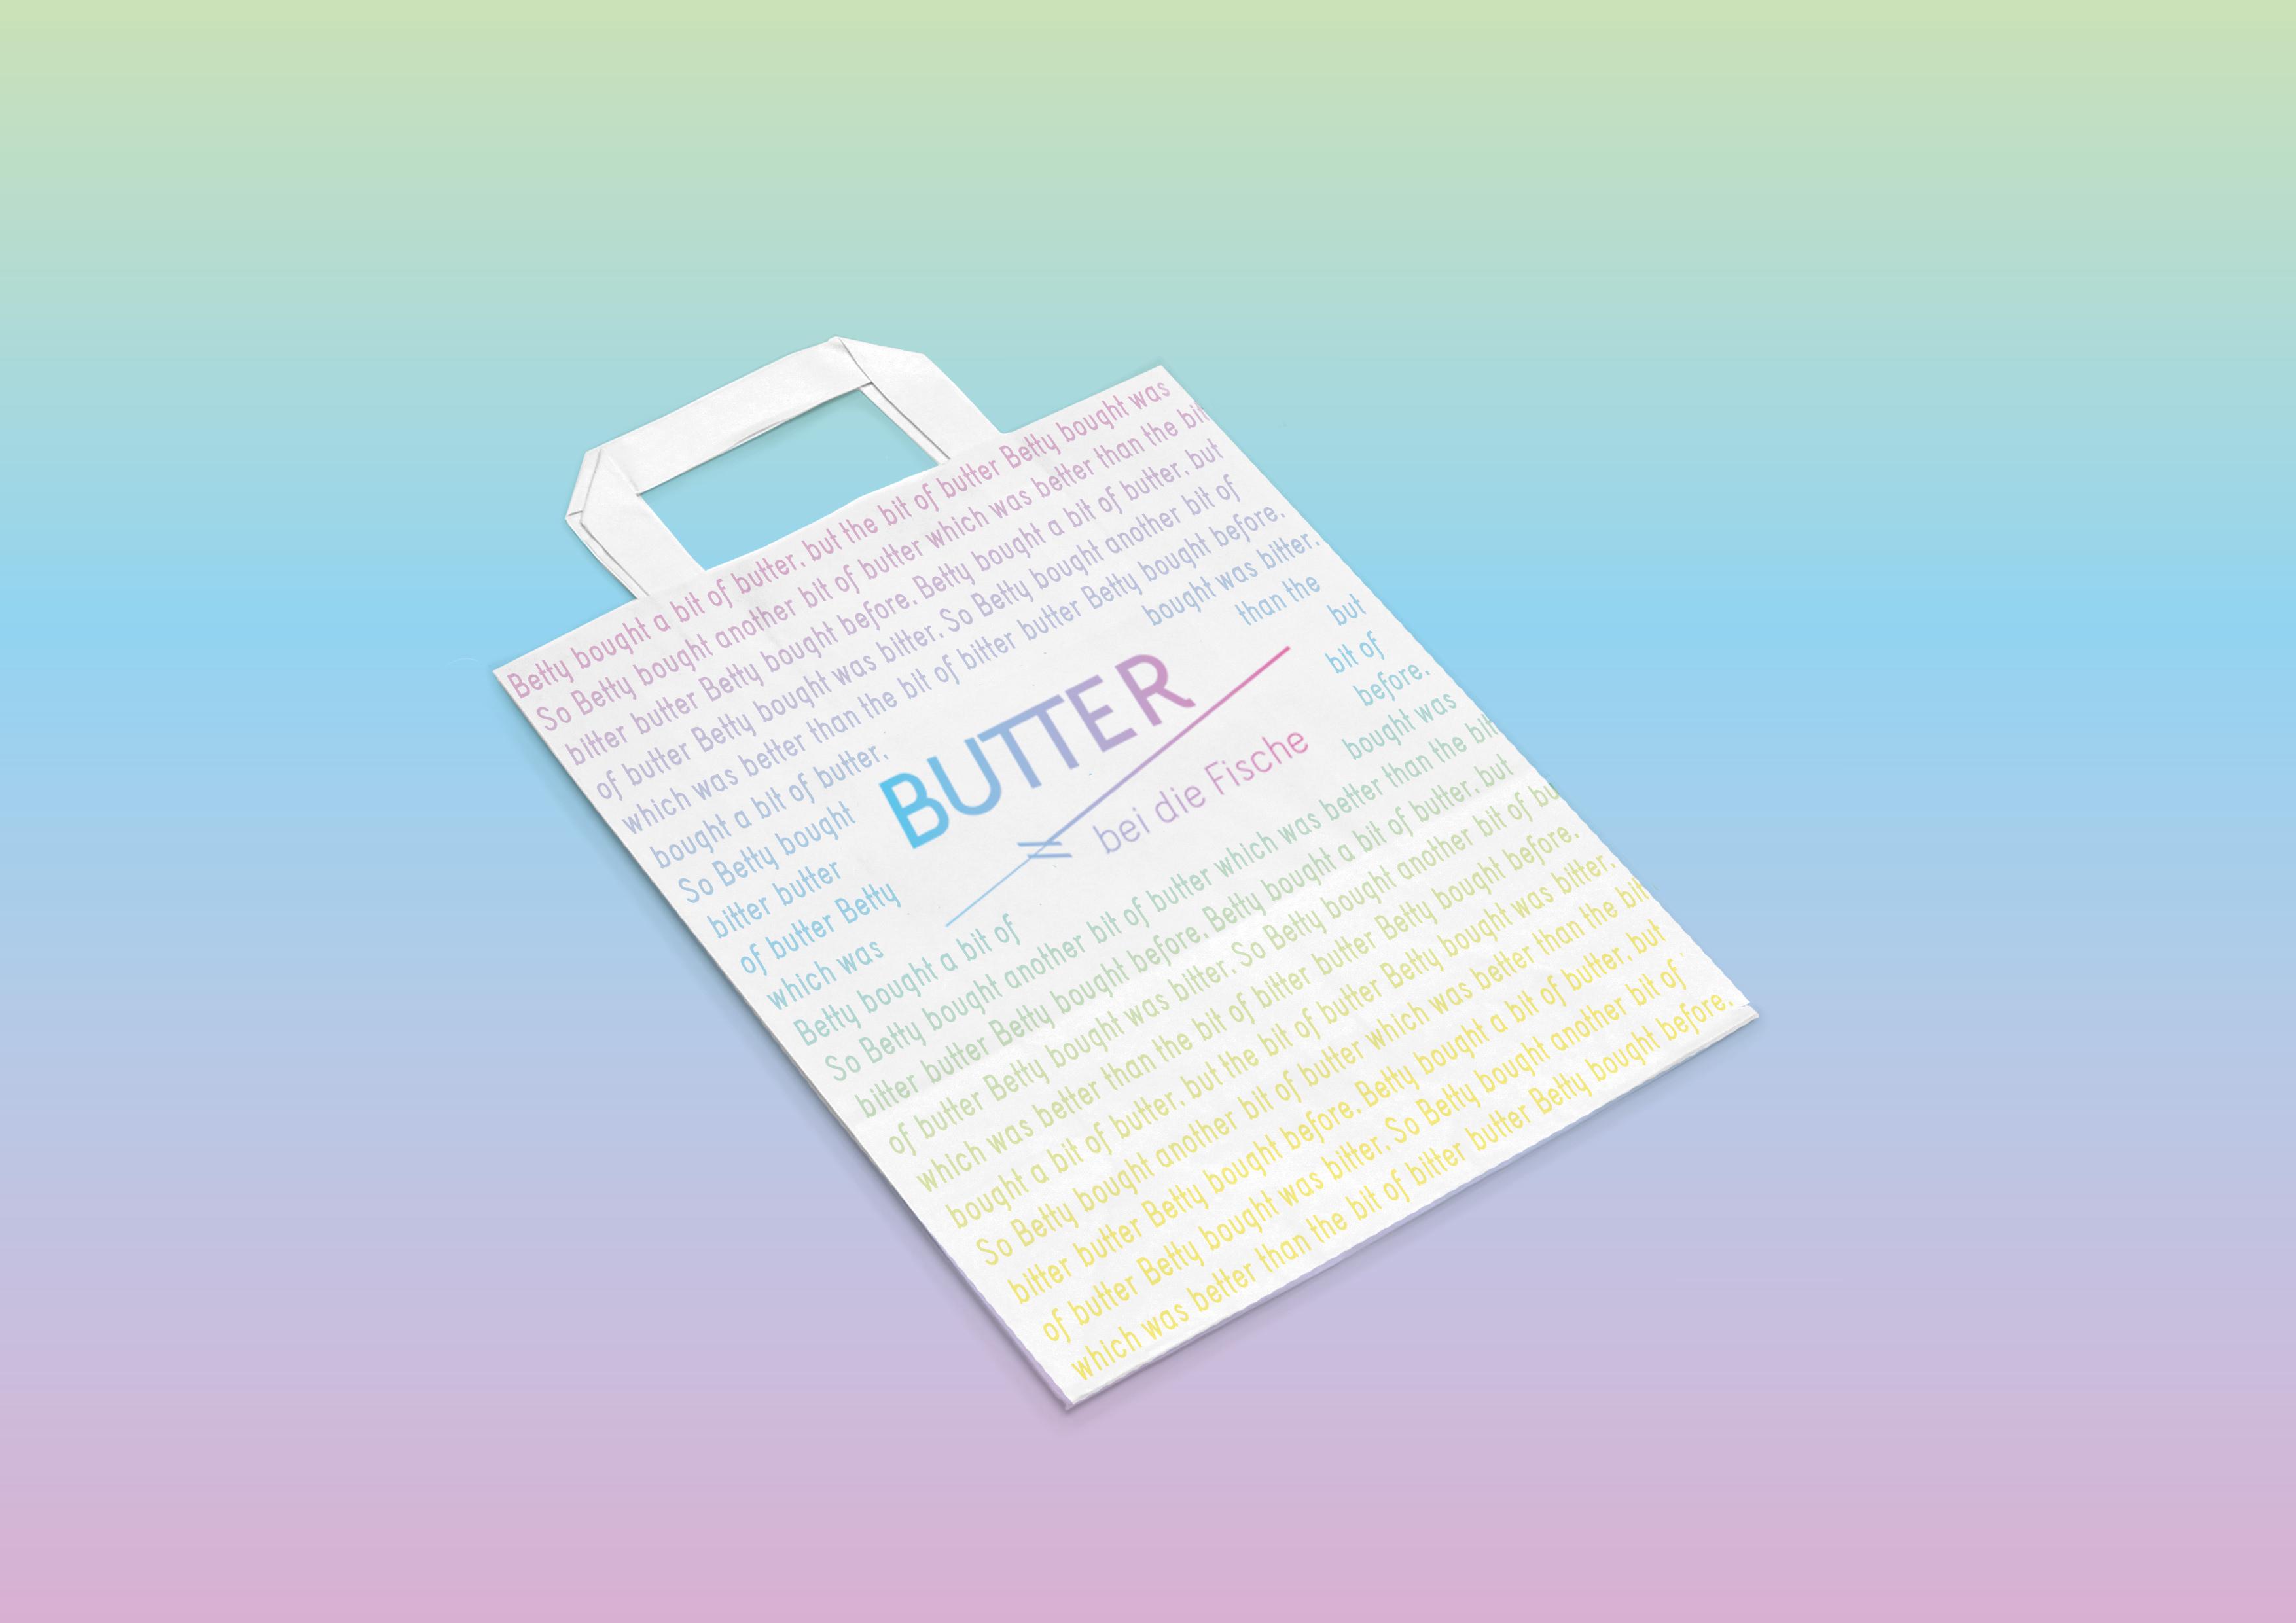 Butter_bag_4